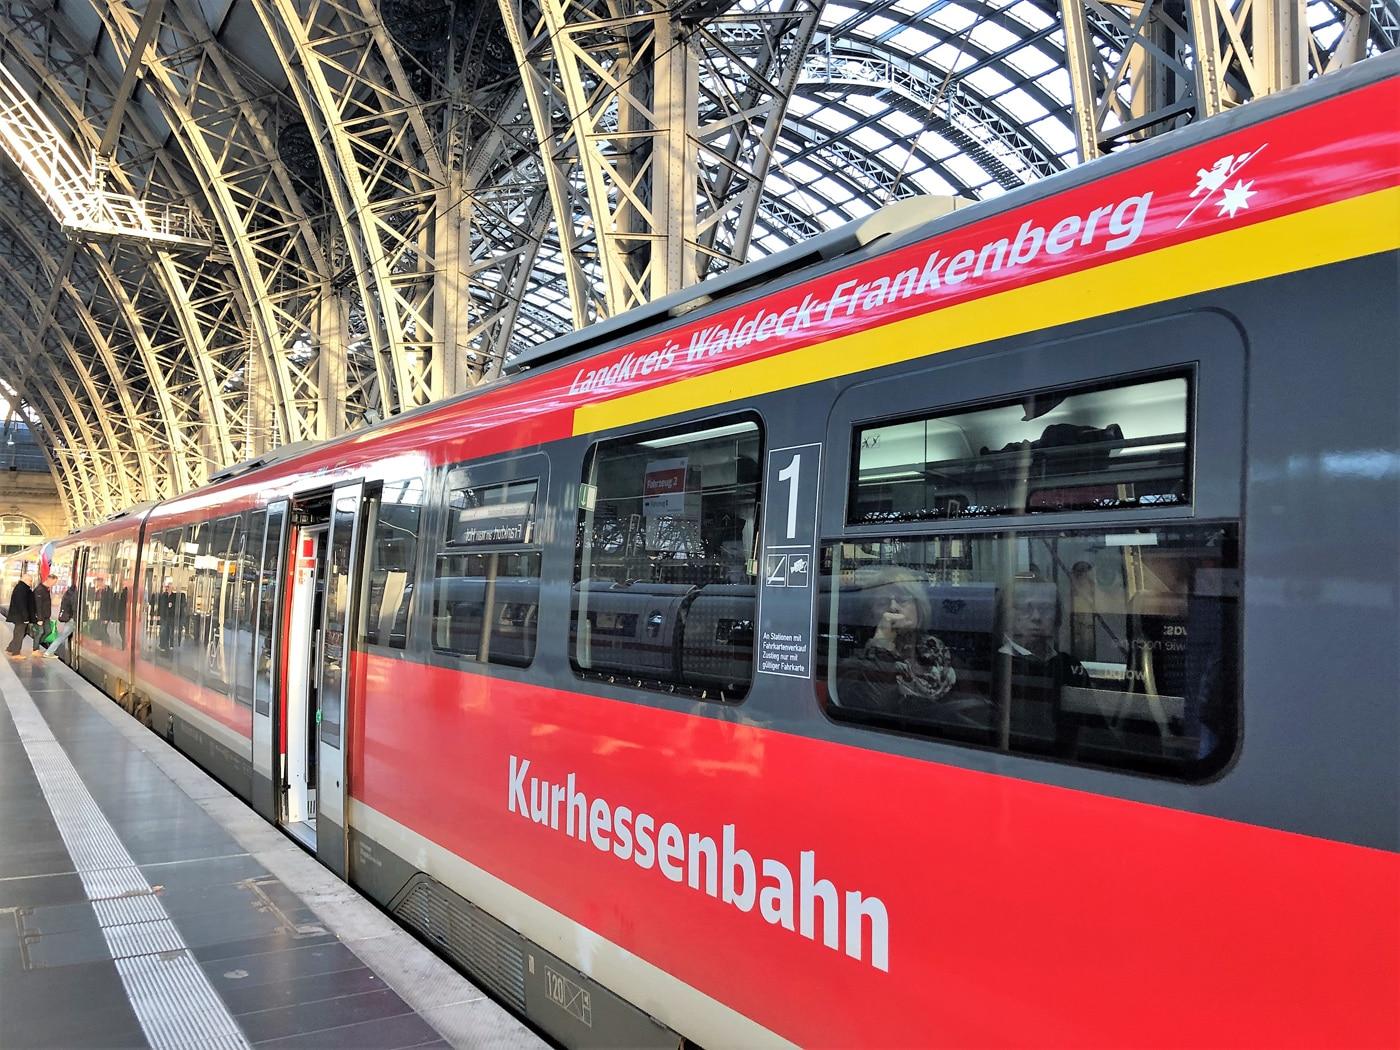 Zug der Kurhessenbahn